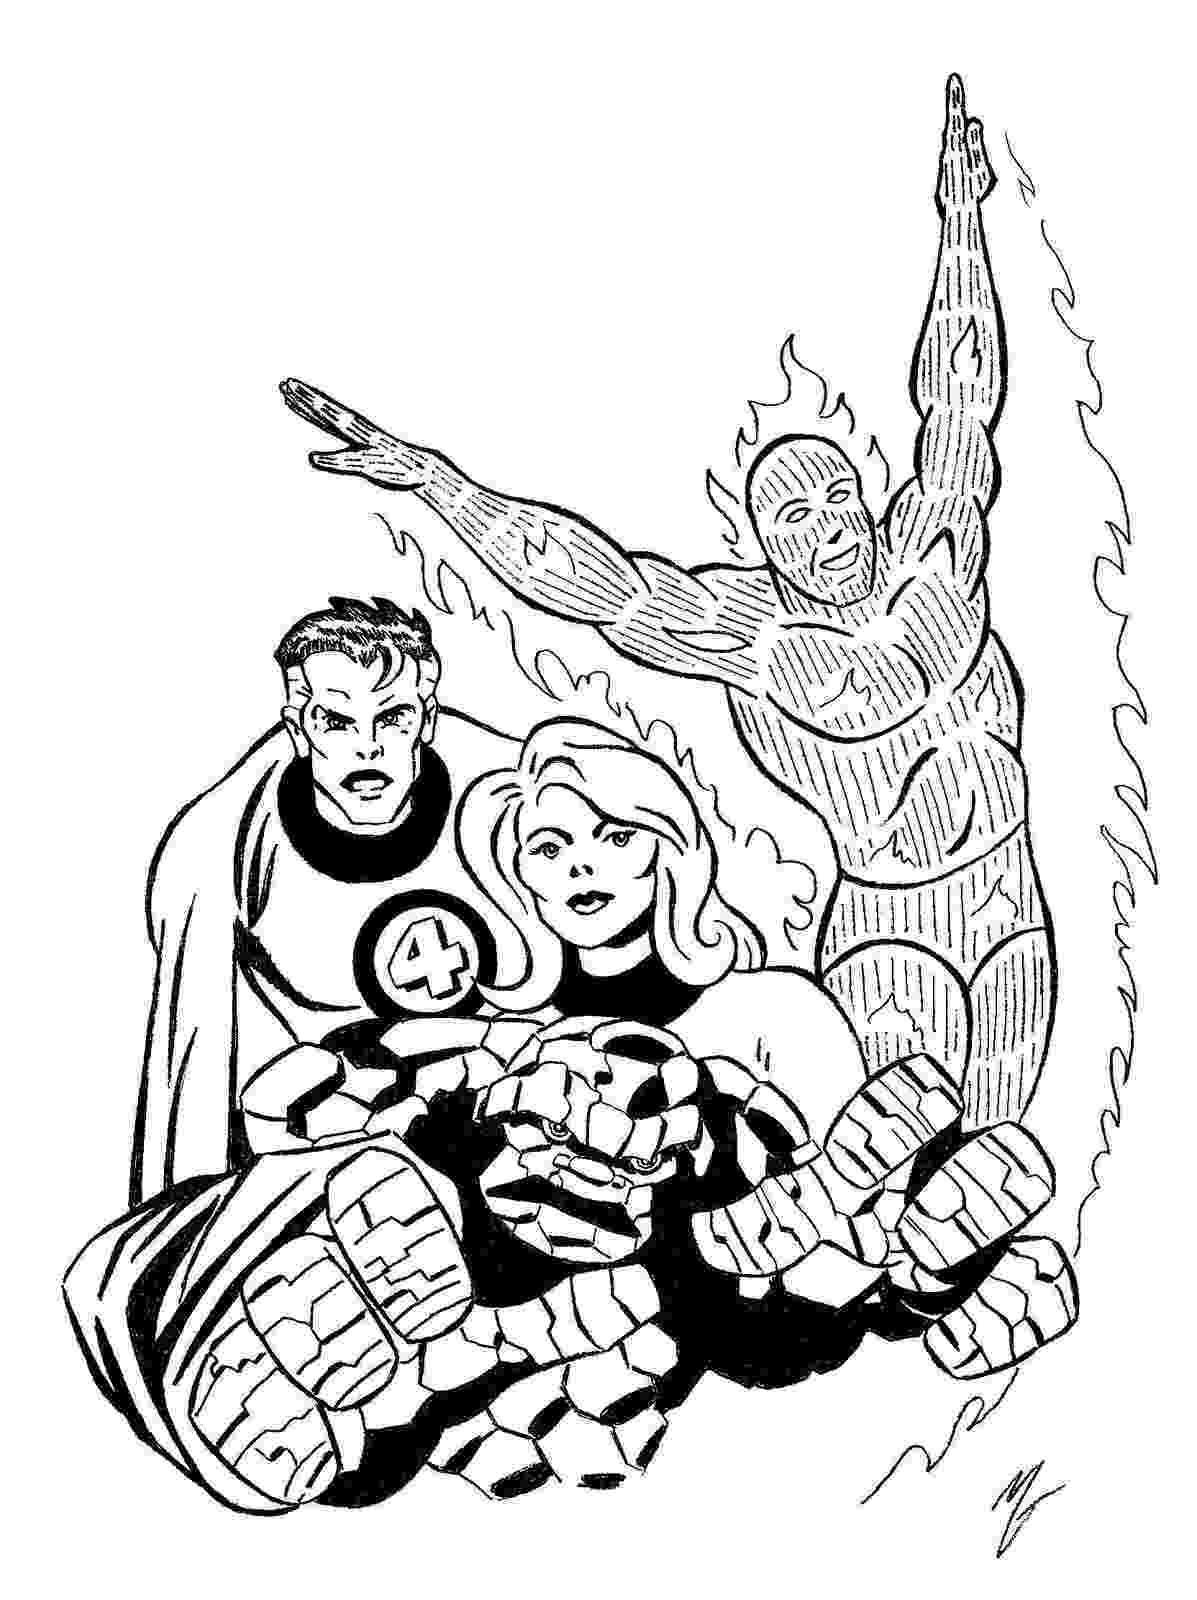 superhero coloring games superhero coloring pages coloring pages free premium superhero games coloring